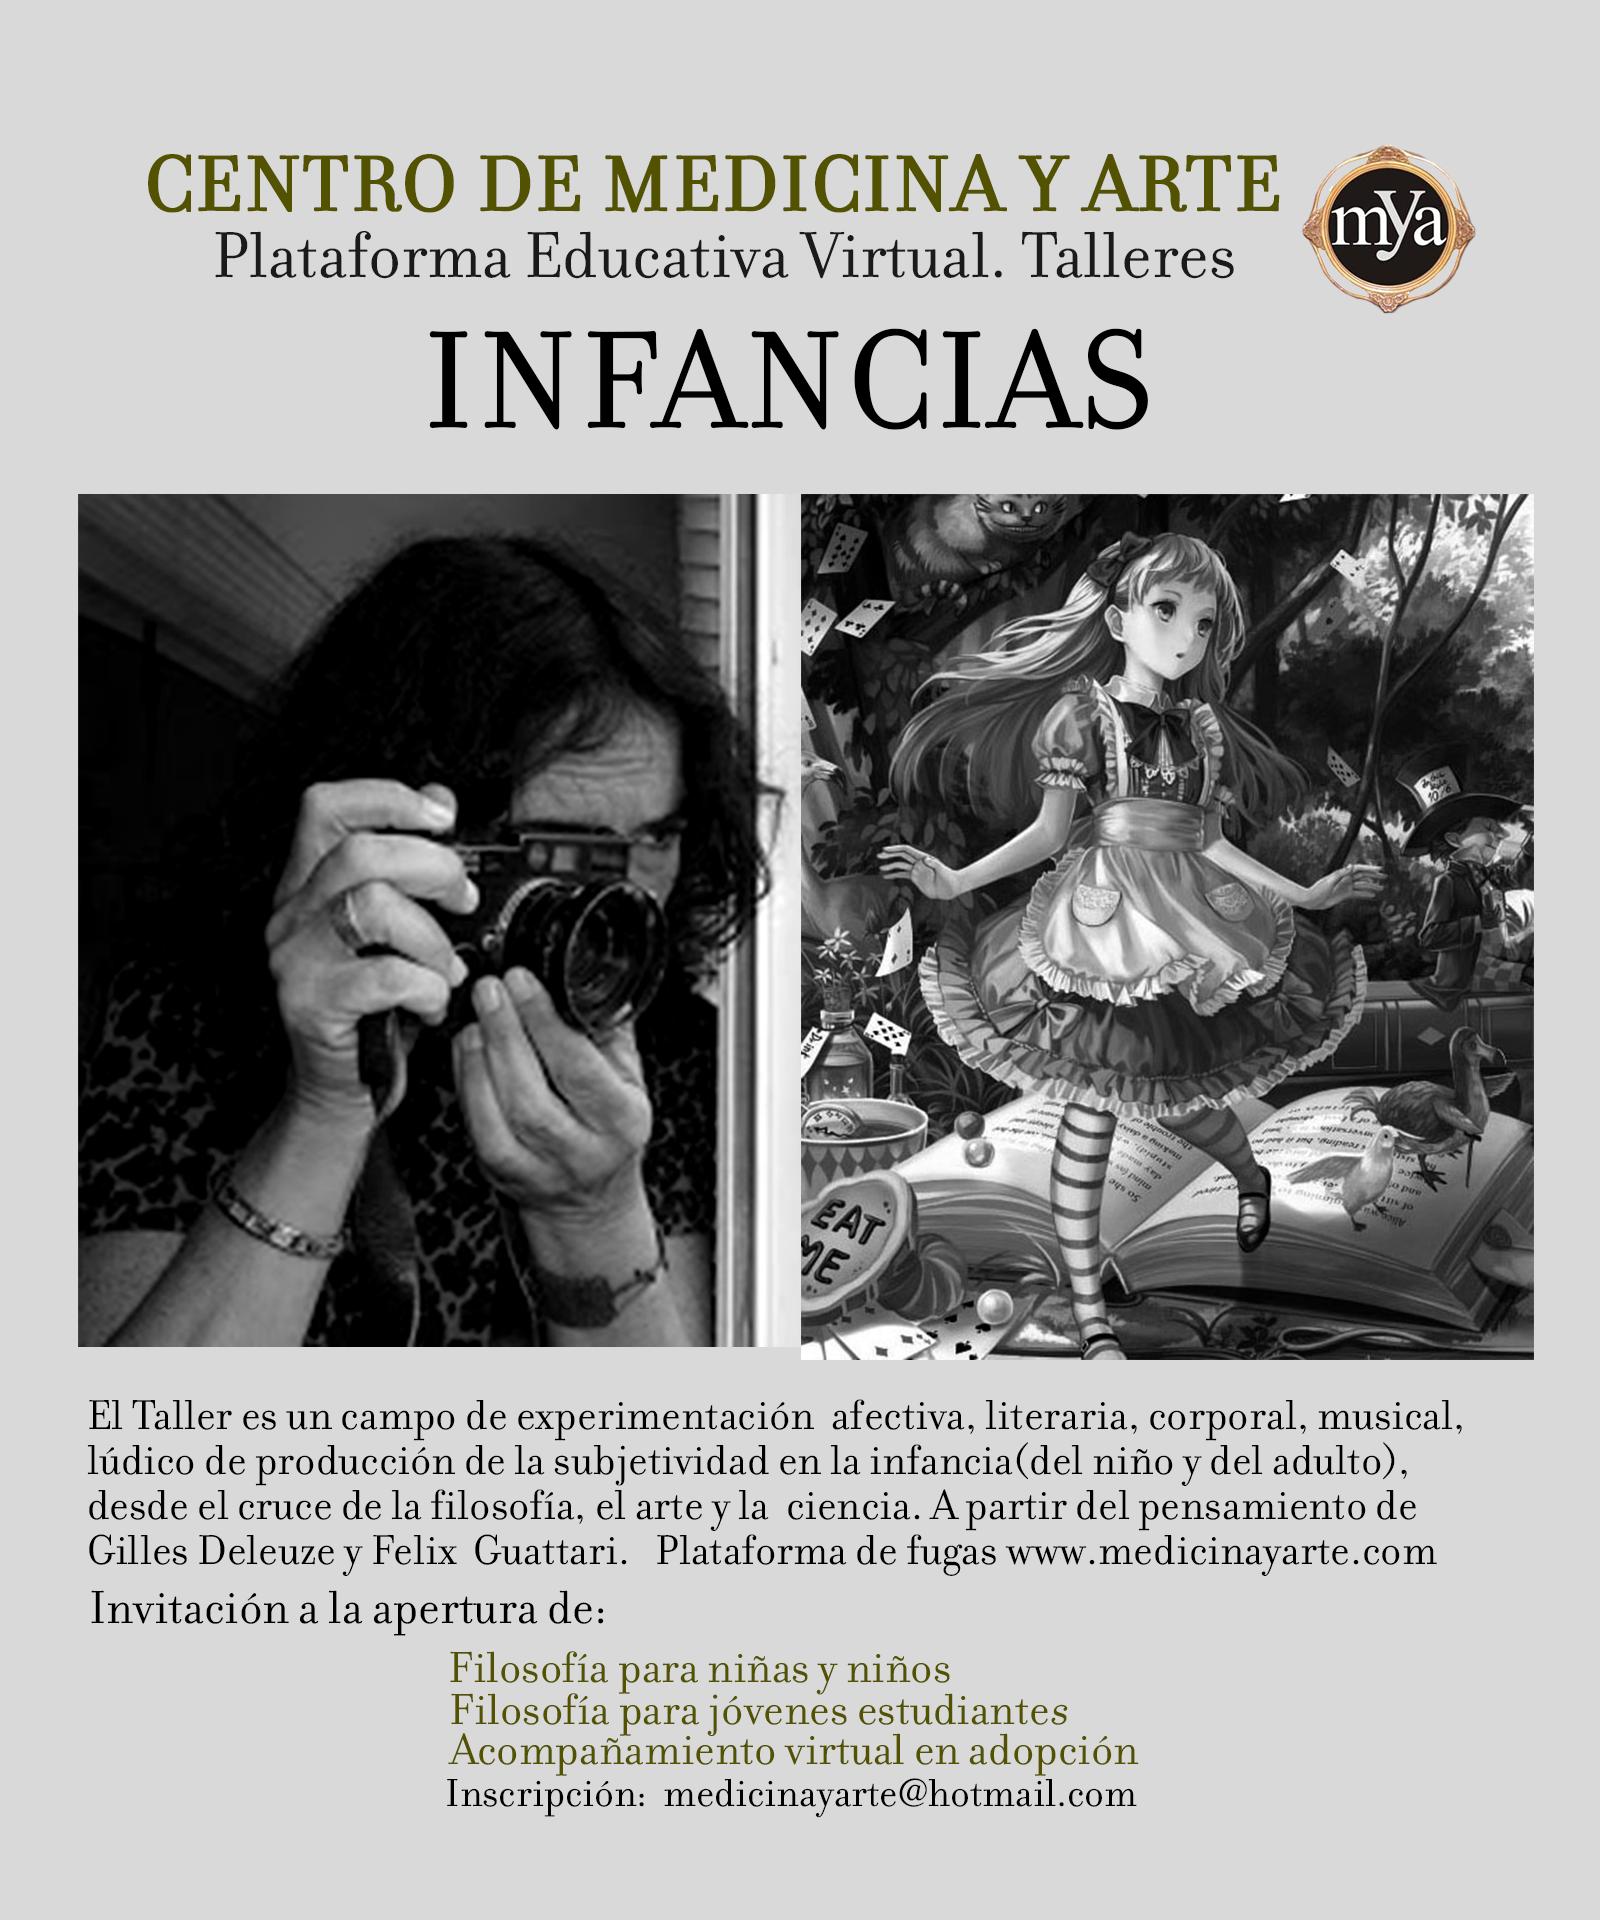 http://medicinayarte.com/img/Taller-de-Medicina-y-Arte_infancia.png